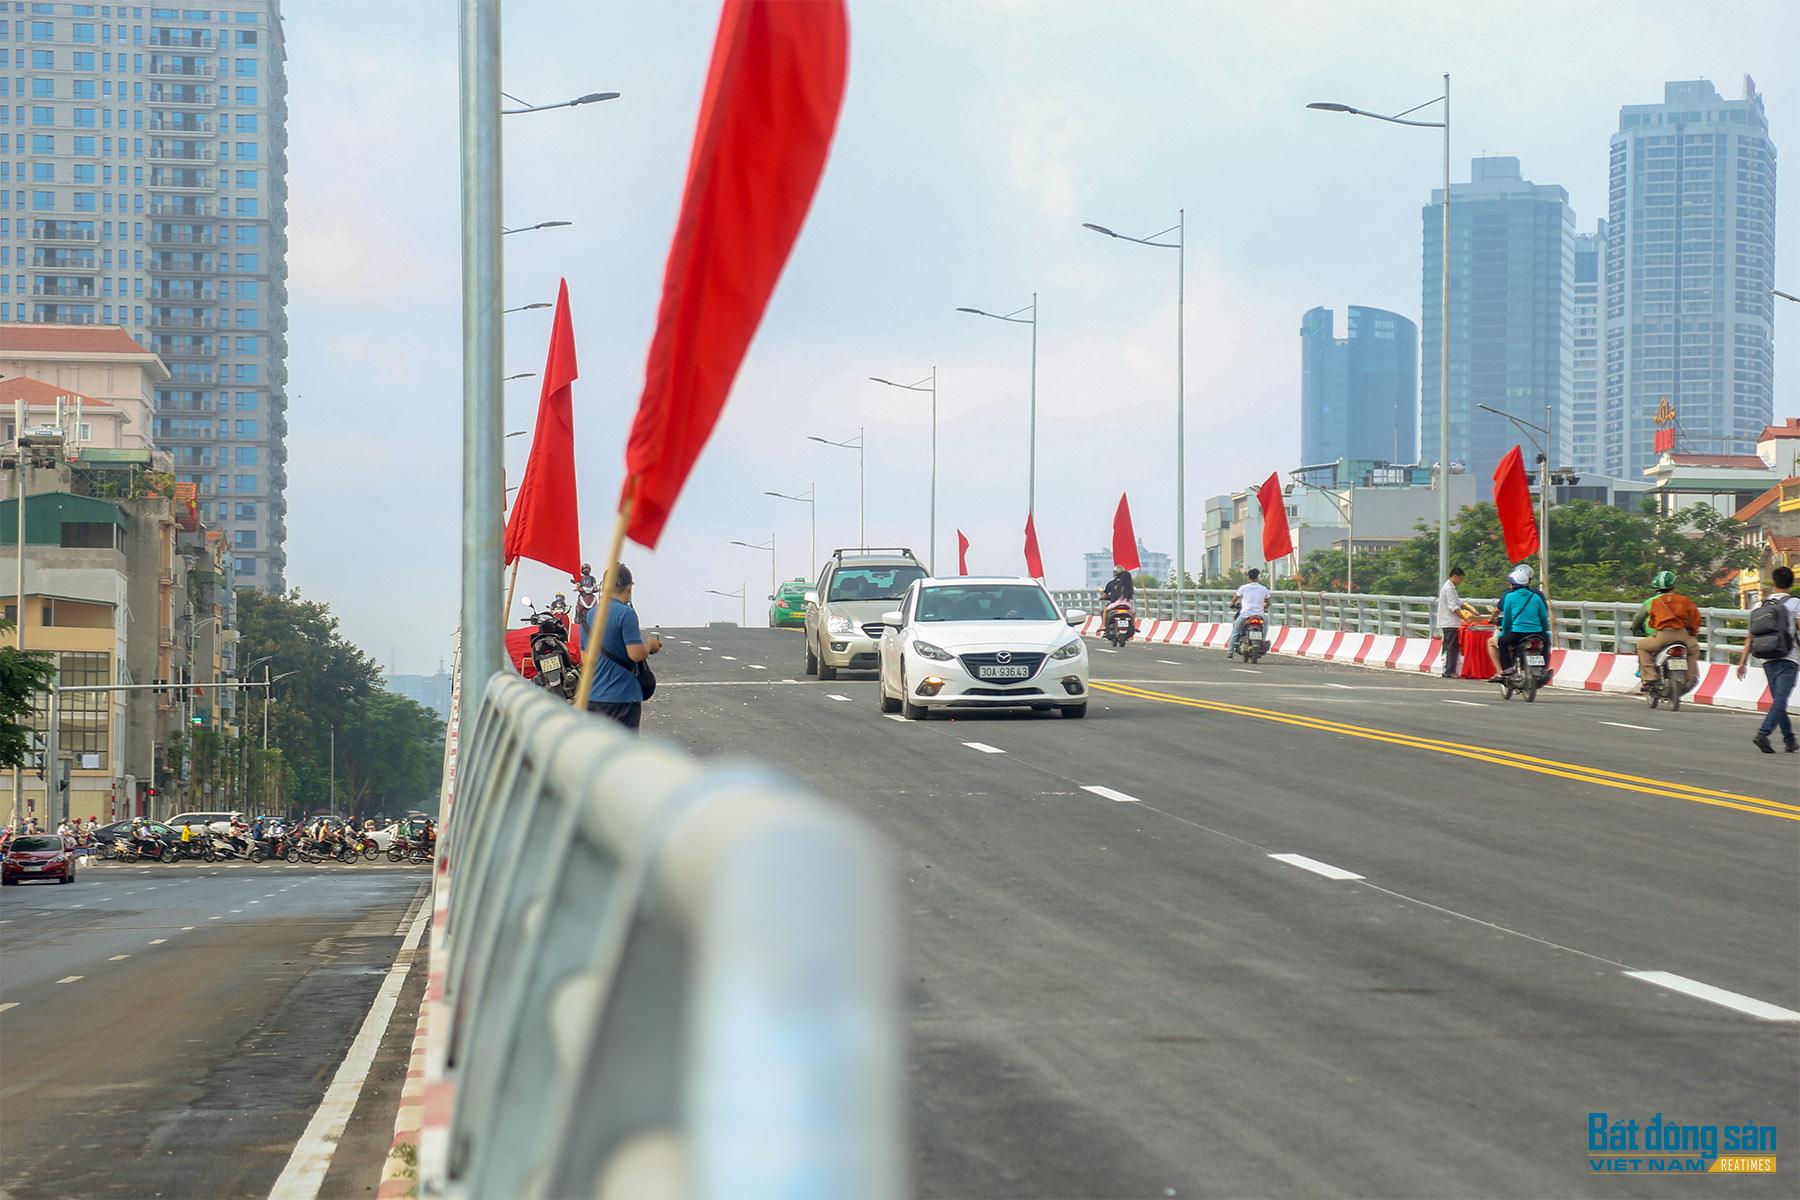 Khánh thành công trình hơn 500 tỷ đồng kết nối 3 quận của Hà Nội